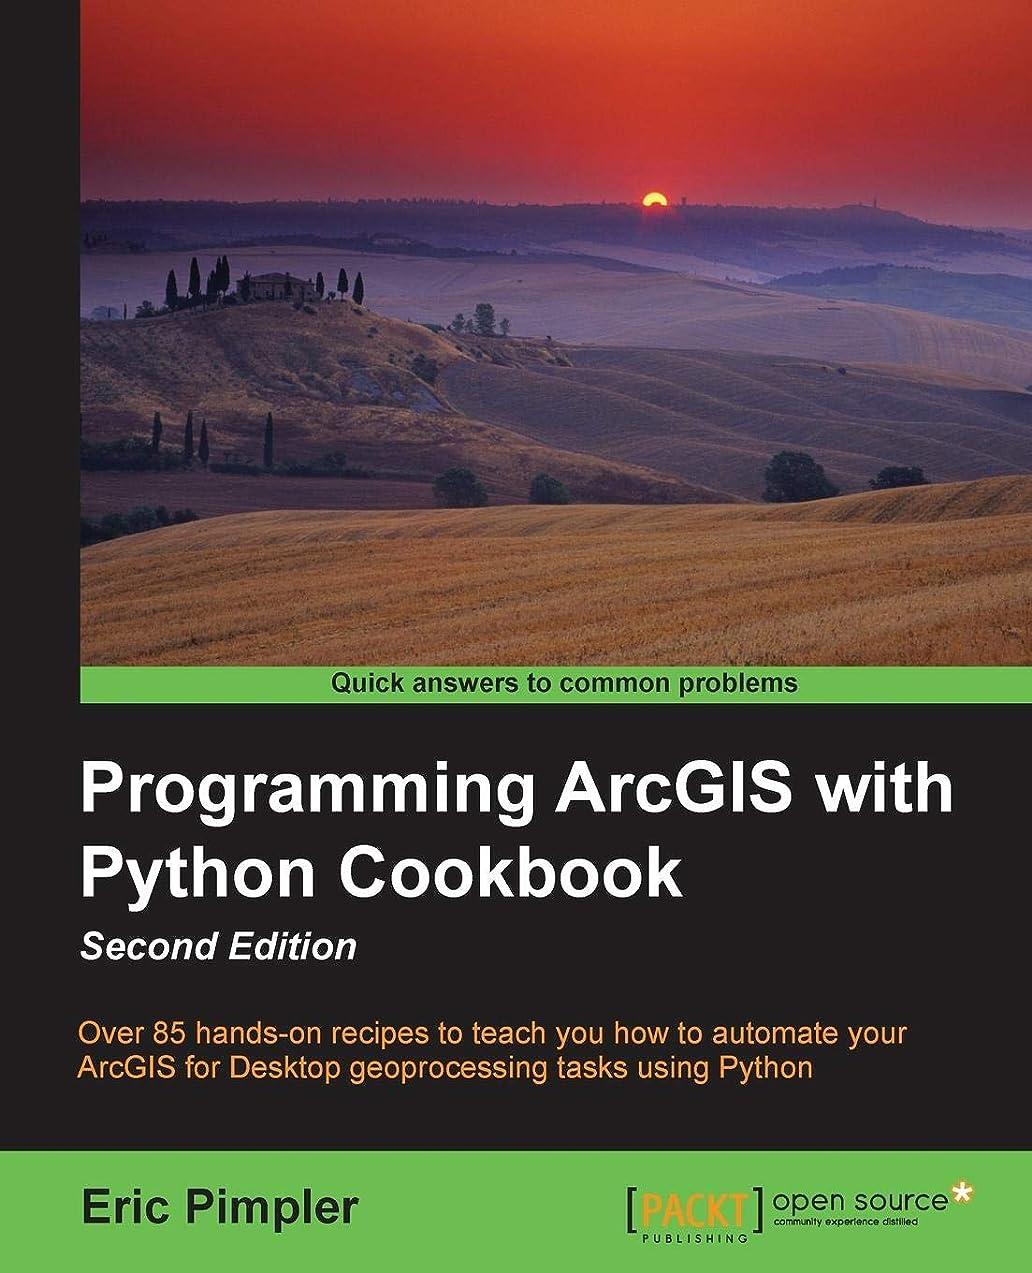 出席アリ投げるProgramming ArcGIS with Python Cookbook: Over 85 Hands-on Recipes to Teach You How to Automate Your Arc Gis for Desktop Geoprocessing Tasks Using Python